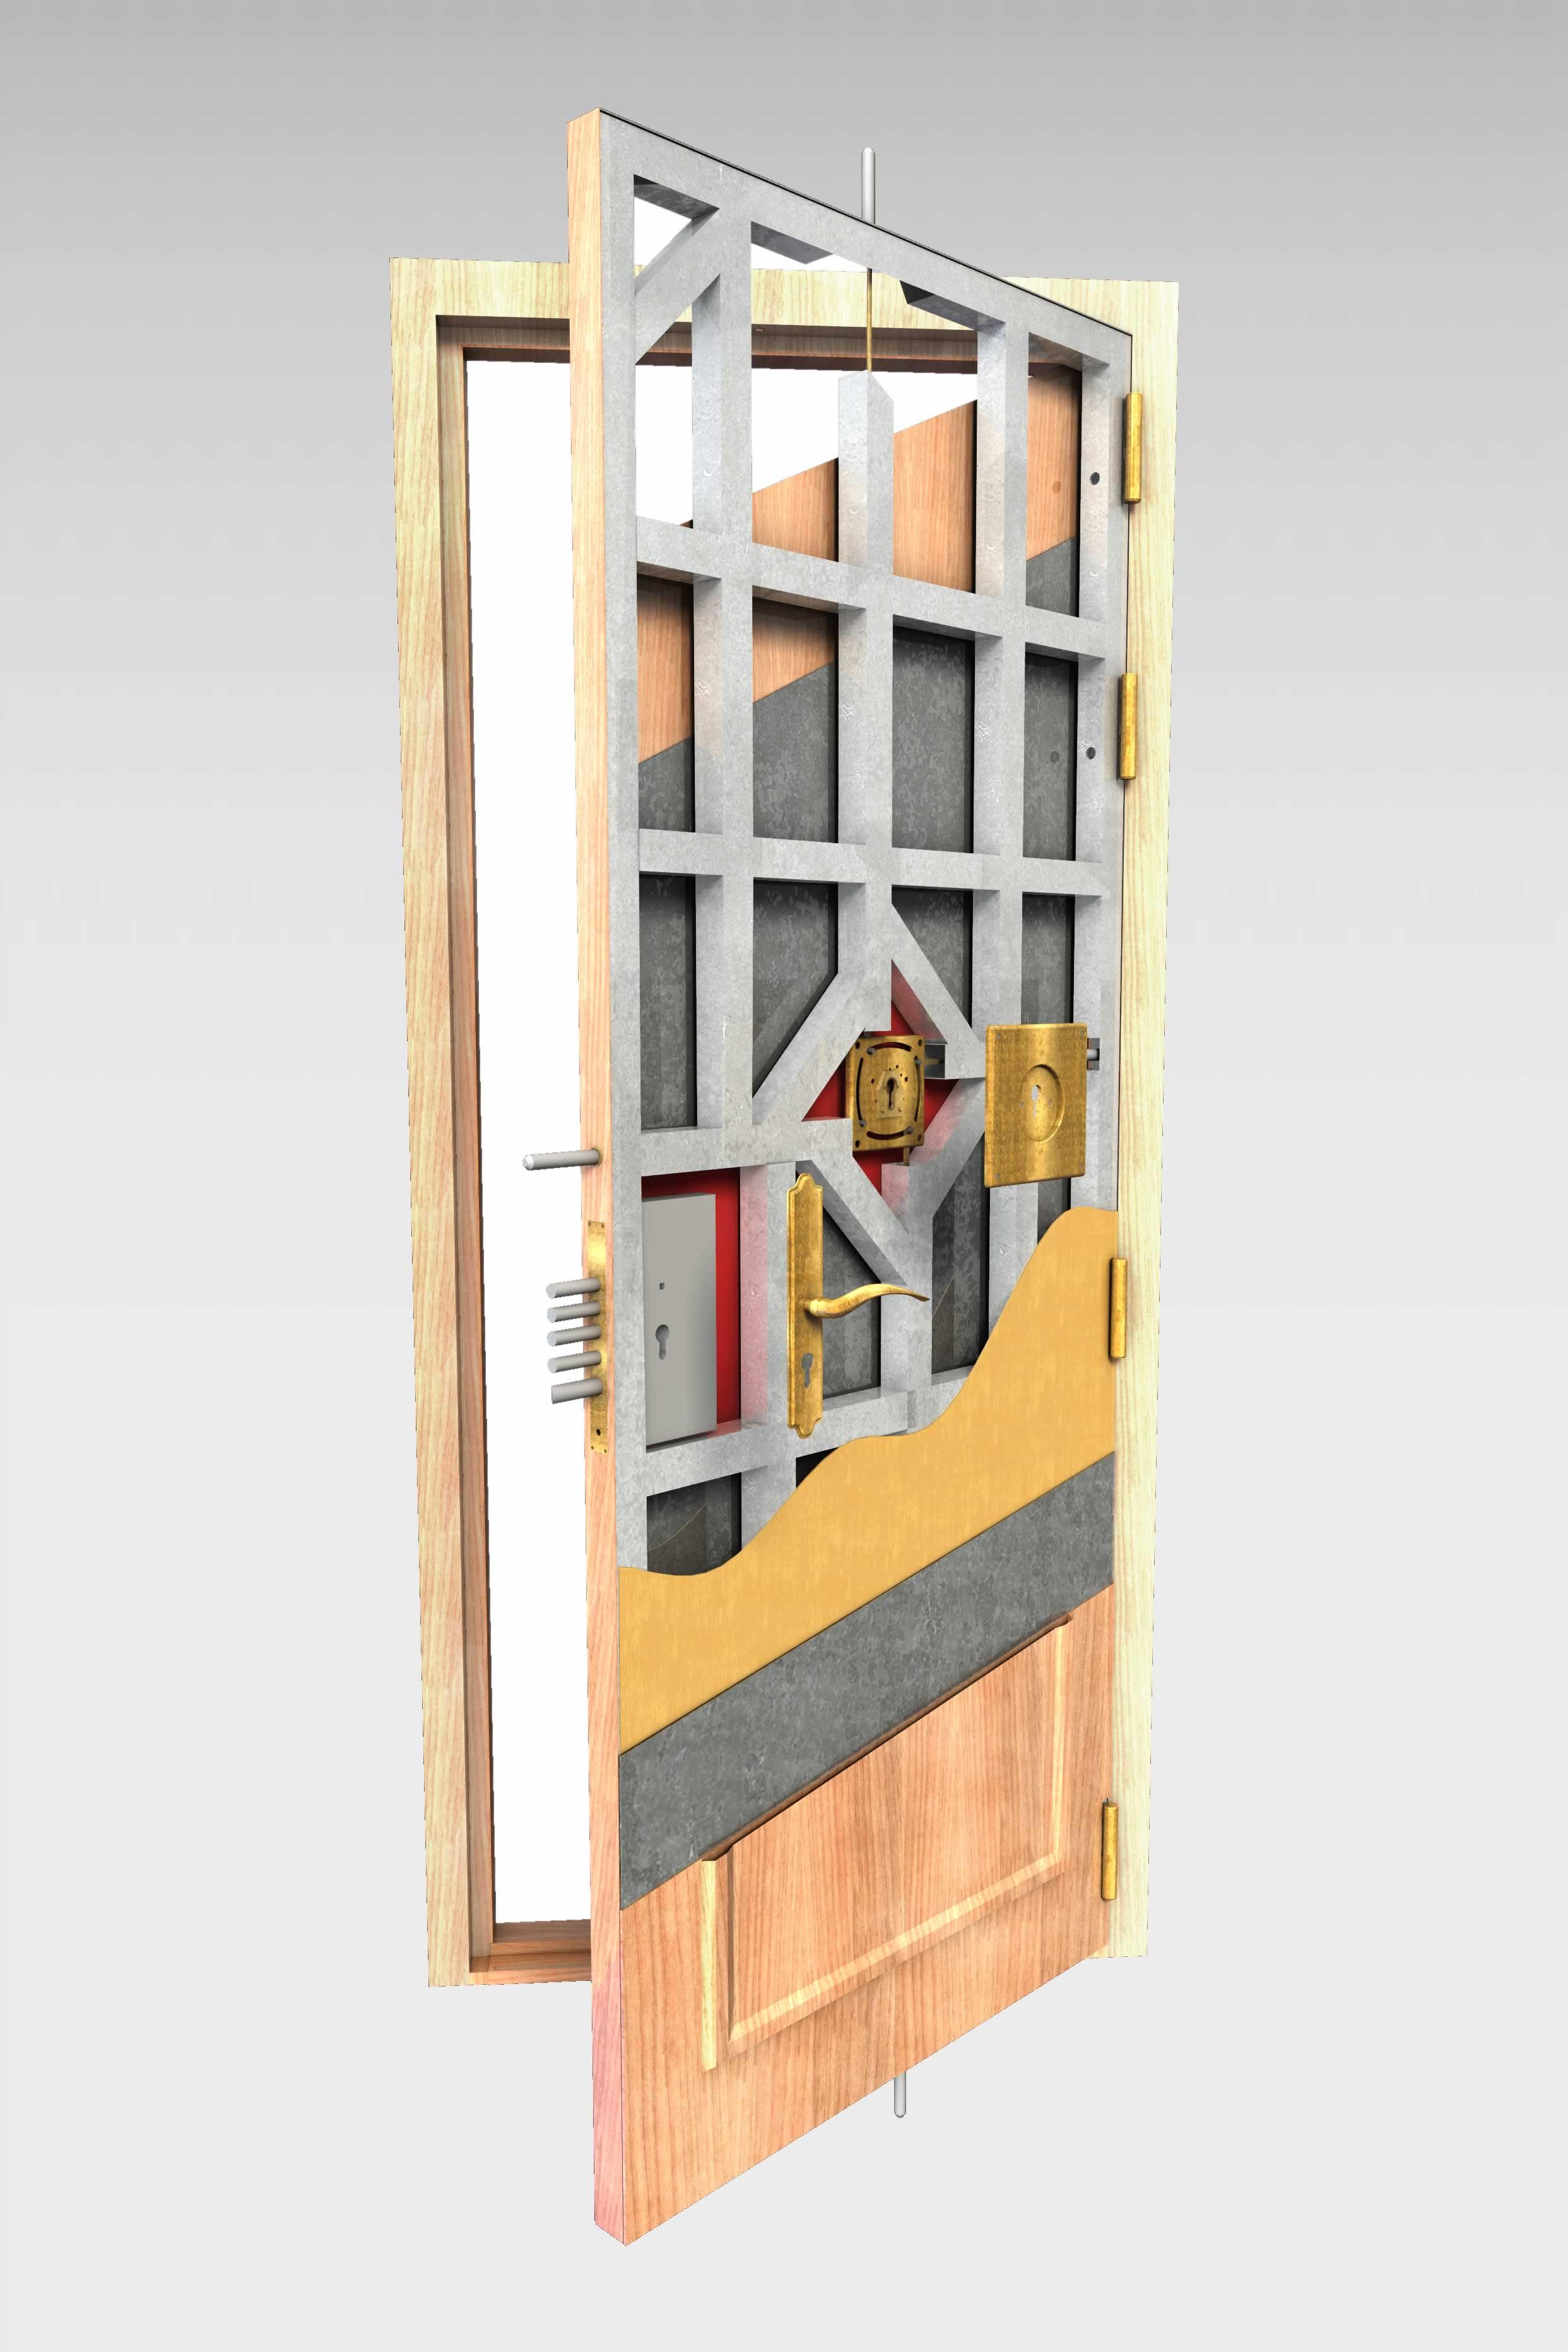 Cuanto cuesta una puerta acorazada trendy perfect reparar for Cuanto vale una puerta de madera